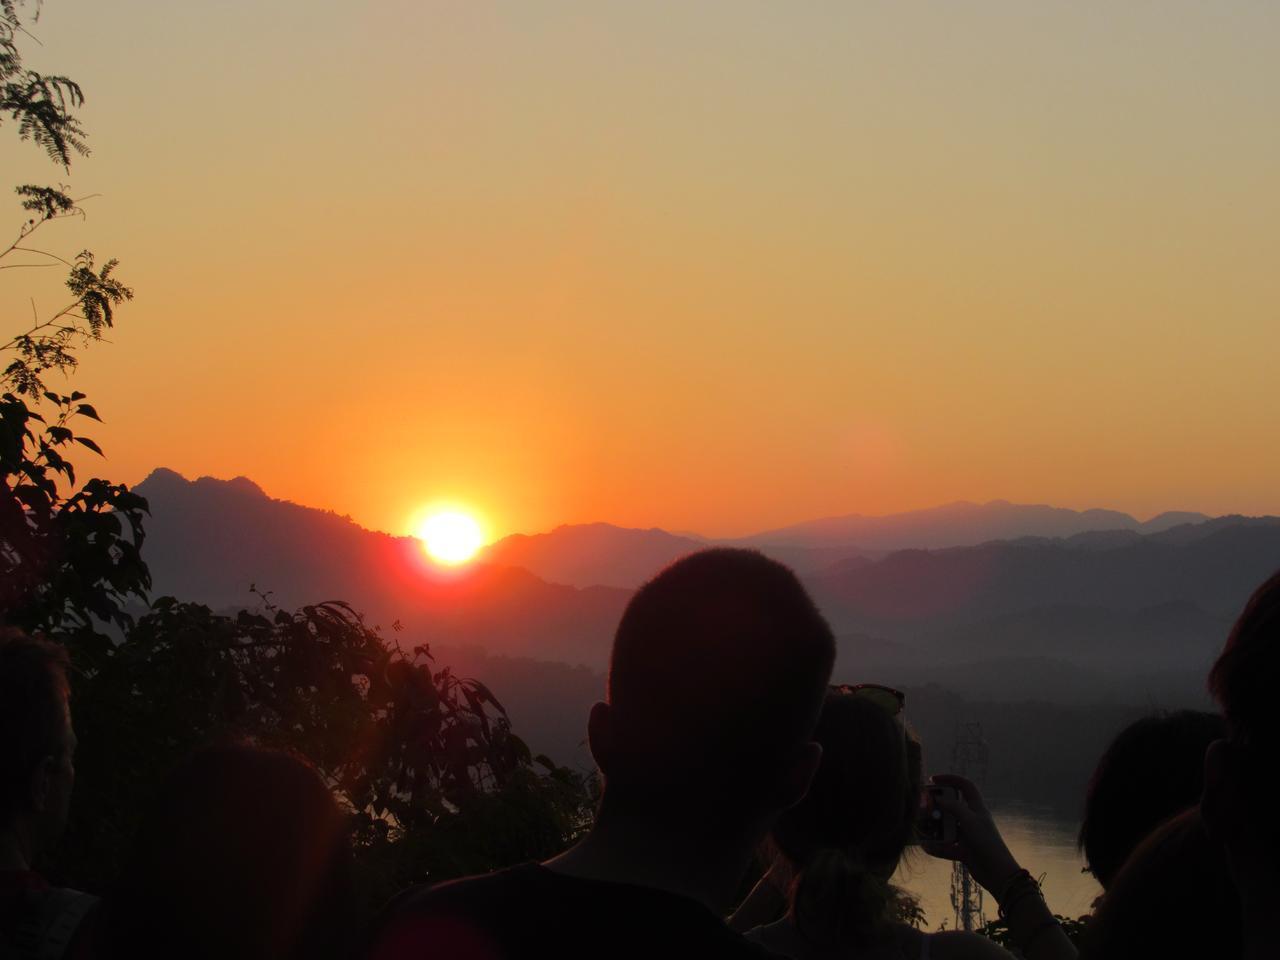 画像2: きれいな夕日を見ながらゆったりとしたひと時を